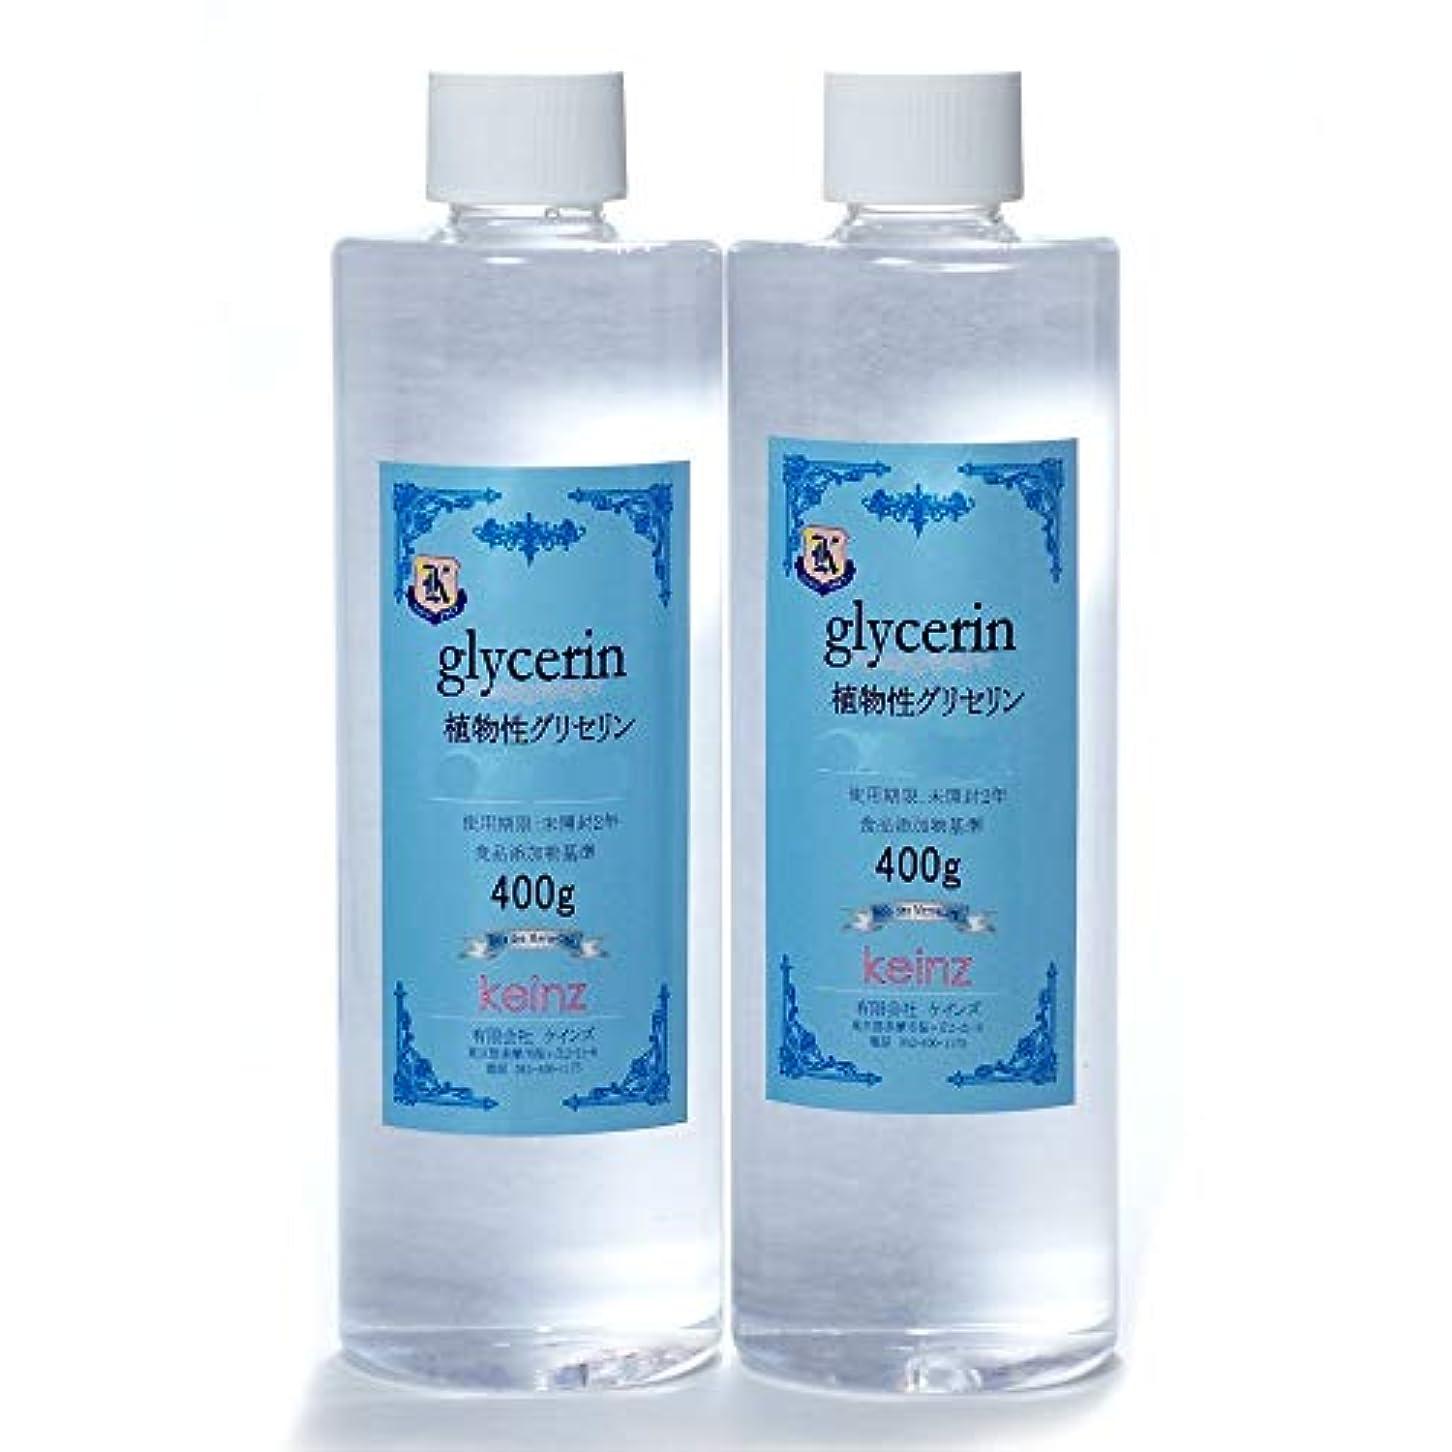 外部リースジョグkeinz 品質の良いグリセリン 植物性 800g(400g 2本) 純度99.9~100% 化粧品材料 keinz正規品 食品添加物基準につき化粧品グレードより純度が高い。日本製